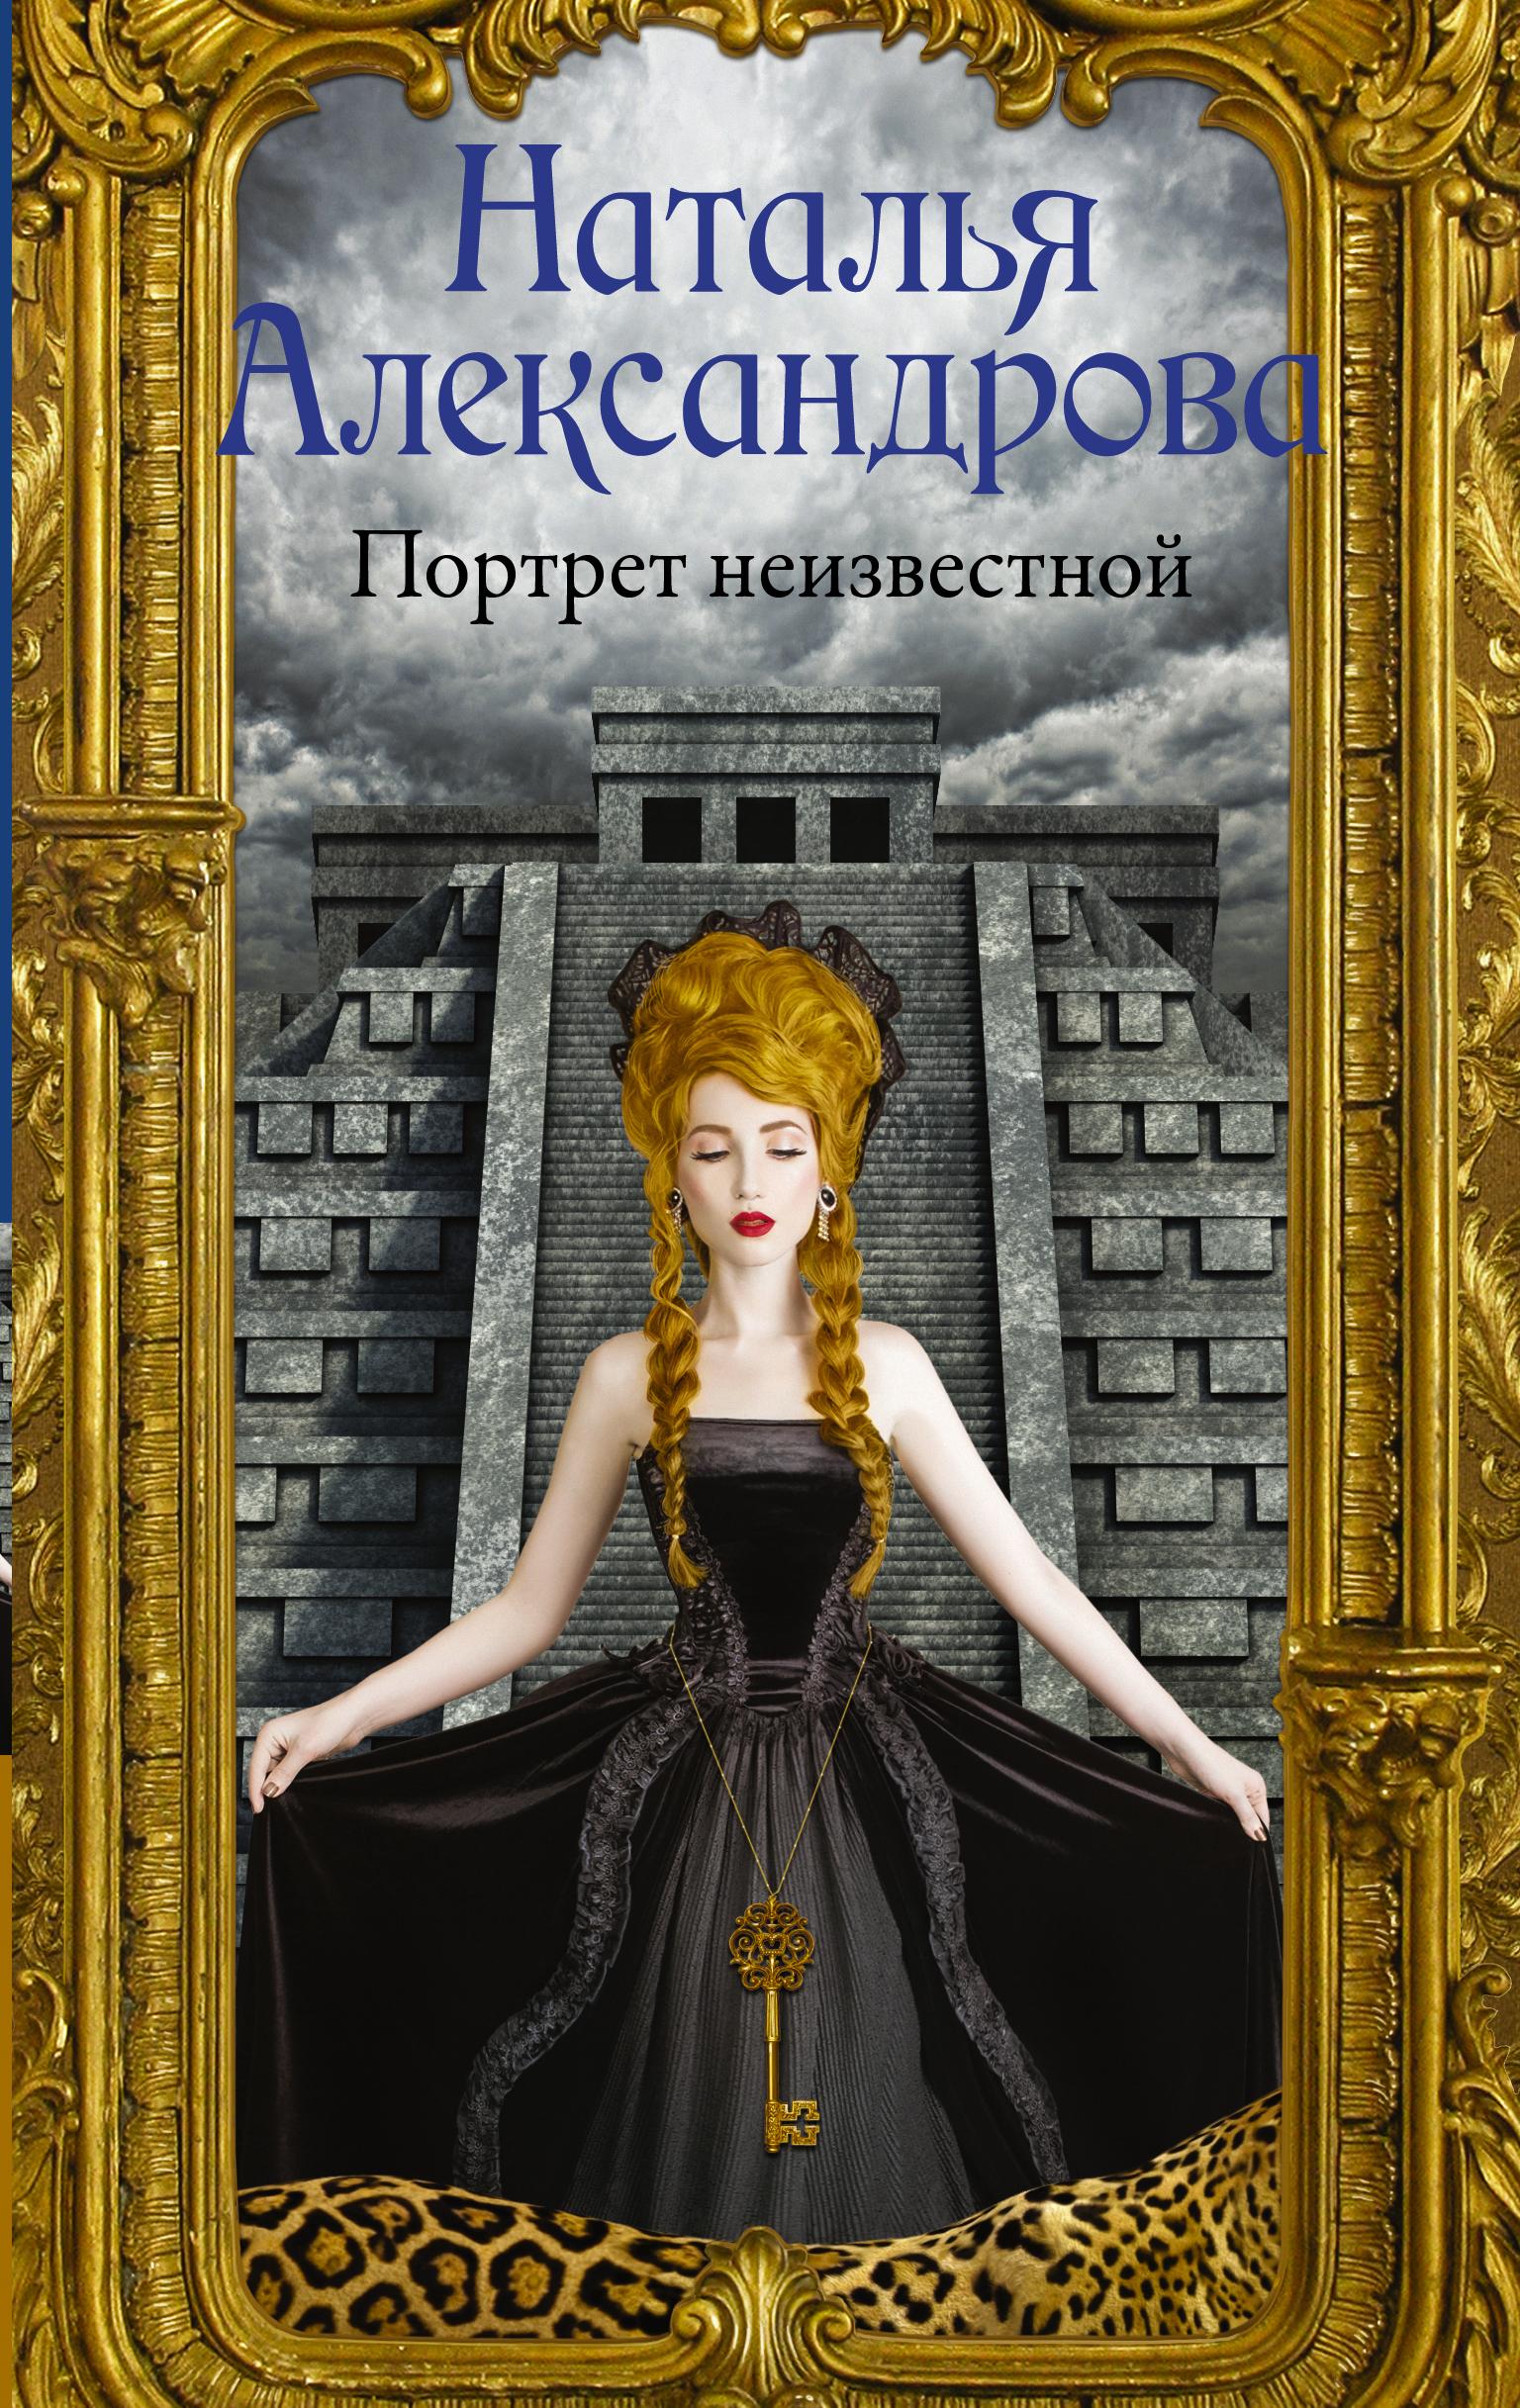 Наталья Александрова Портрет неизвестной